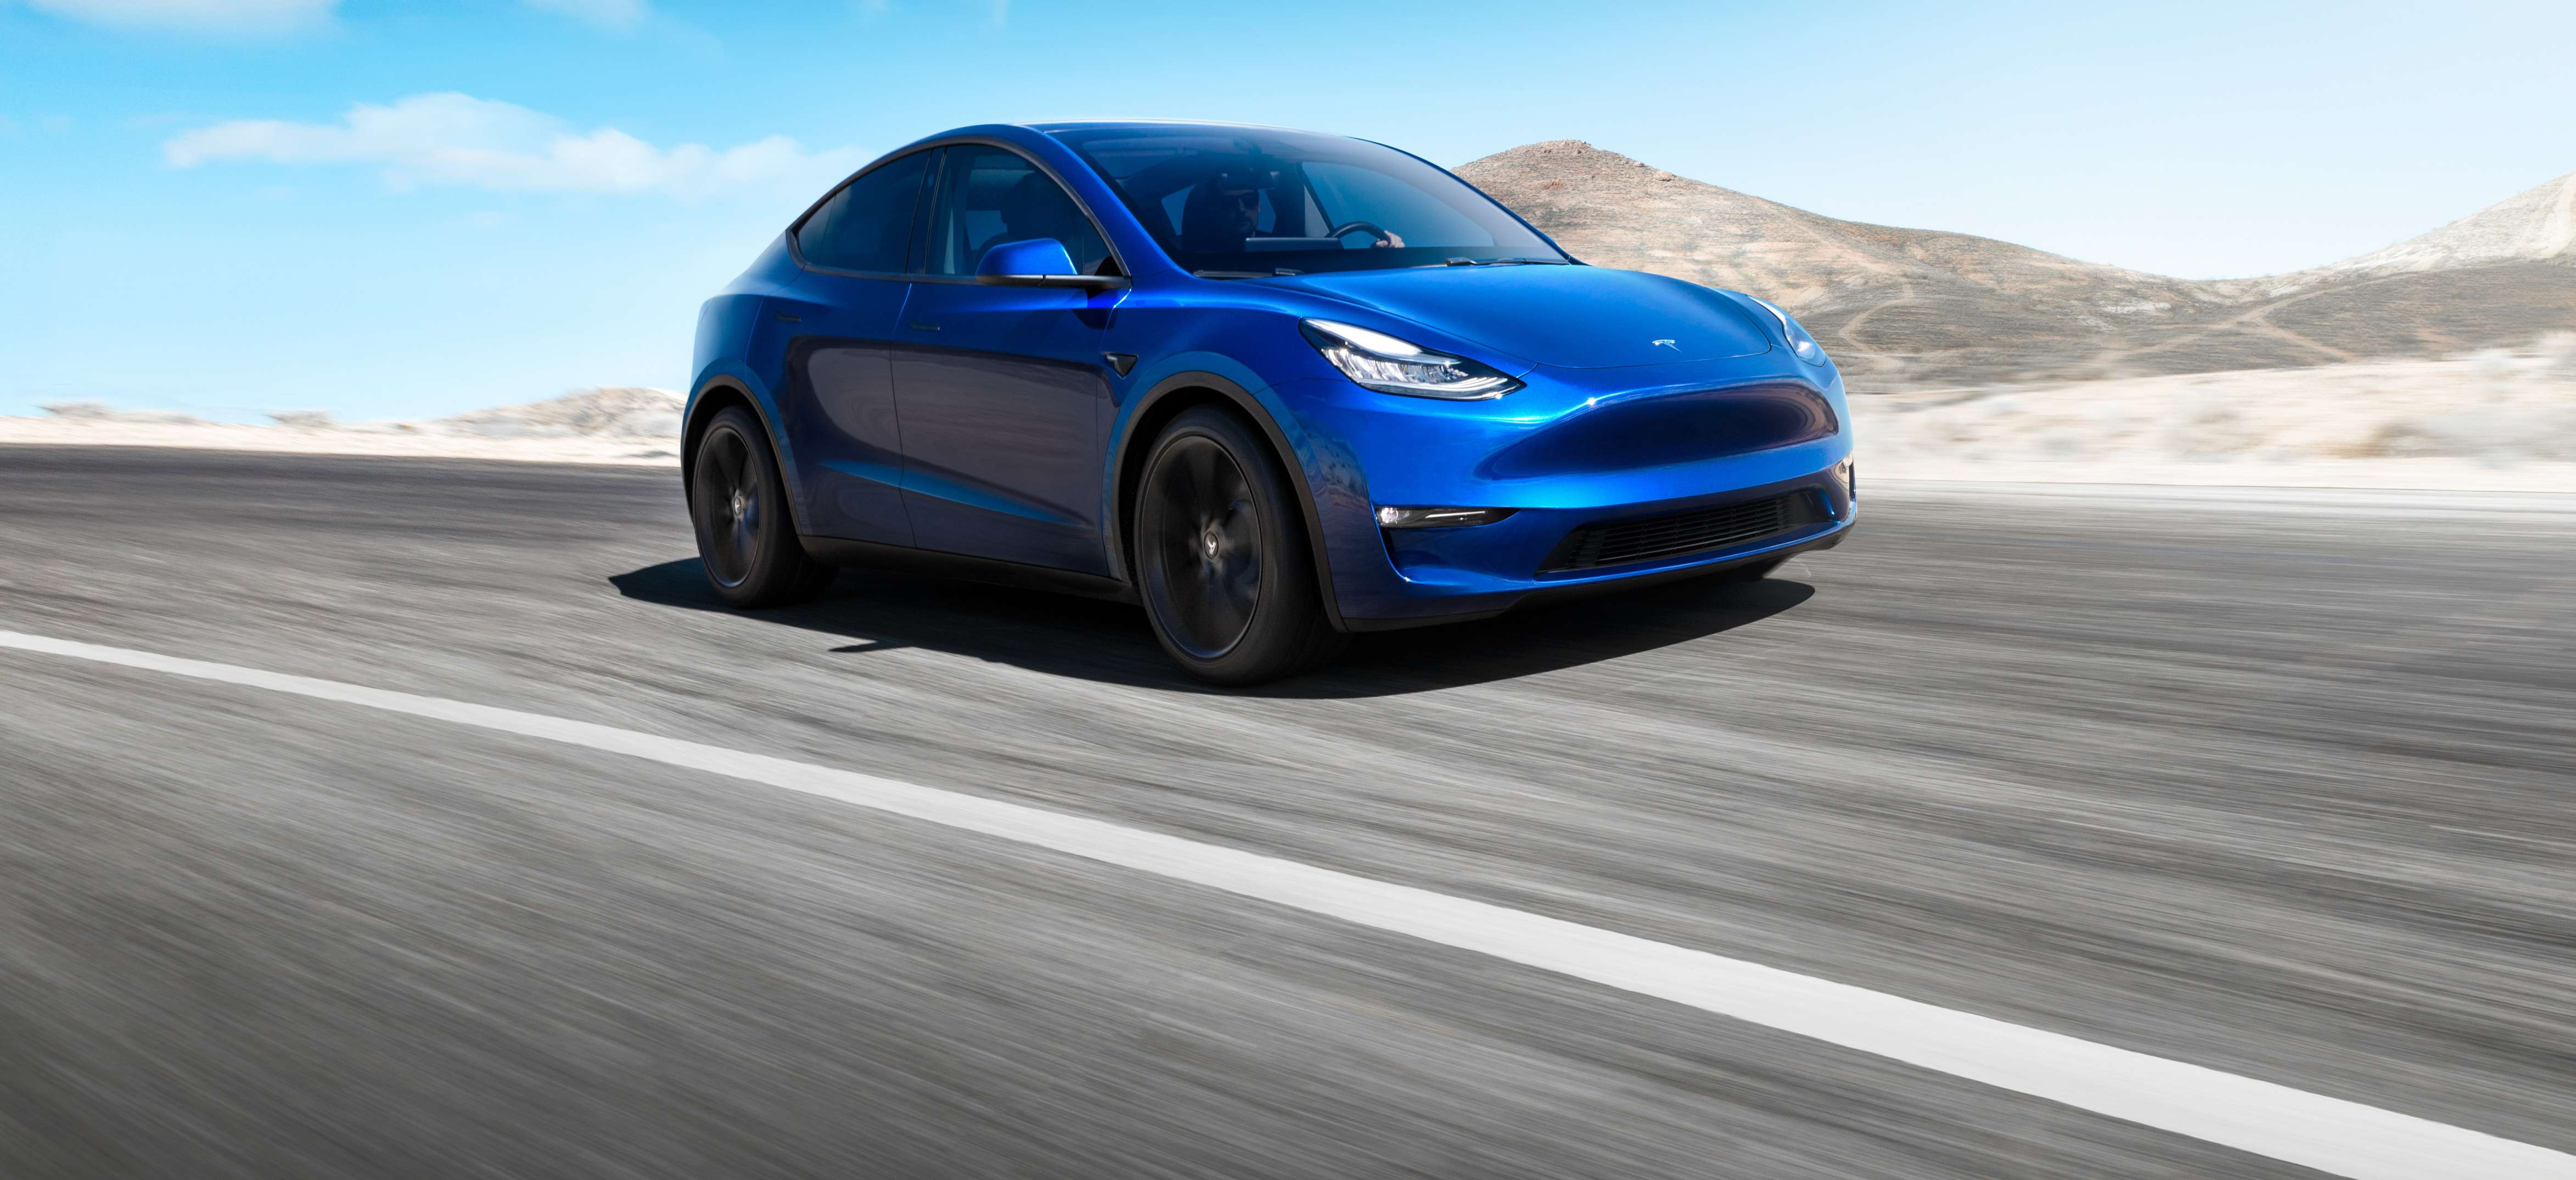 Tesla Model Y Vs Audi E Tron Jaguar I Pace Price And Specs Comparison